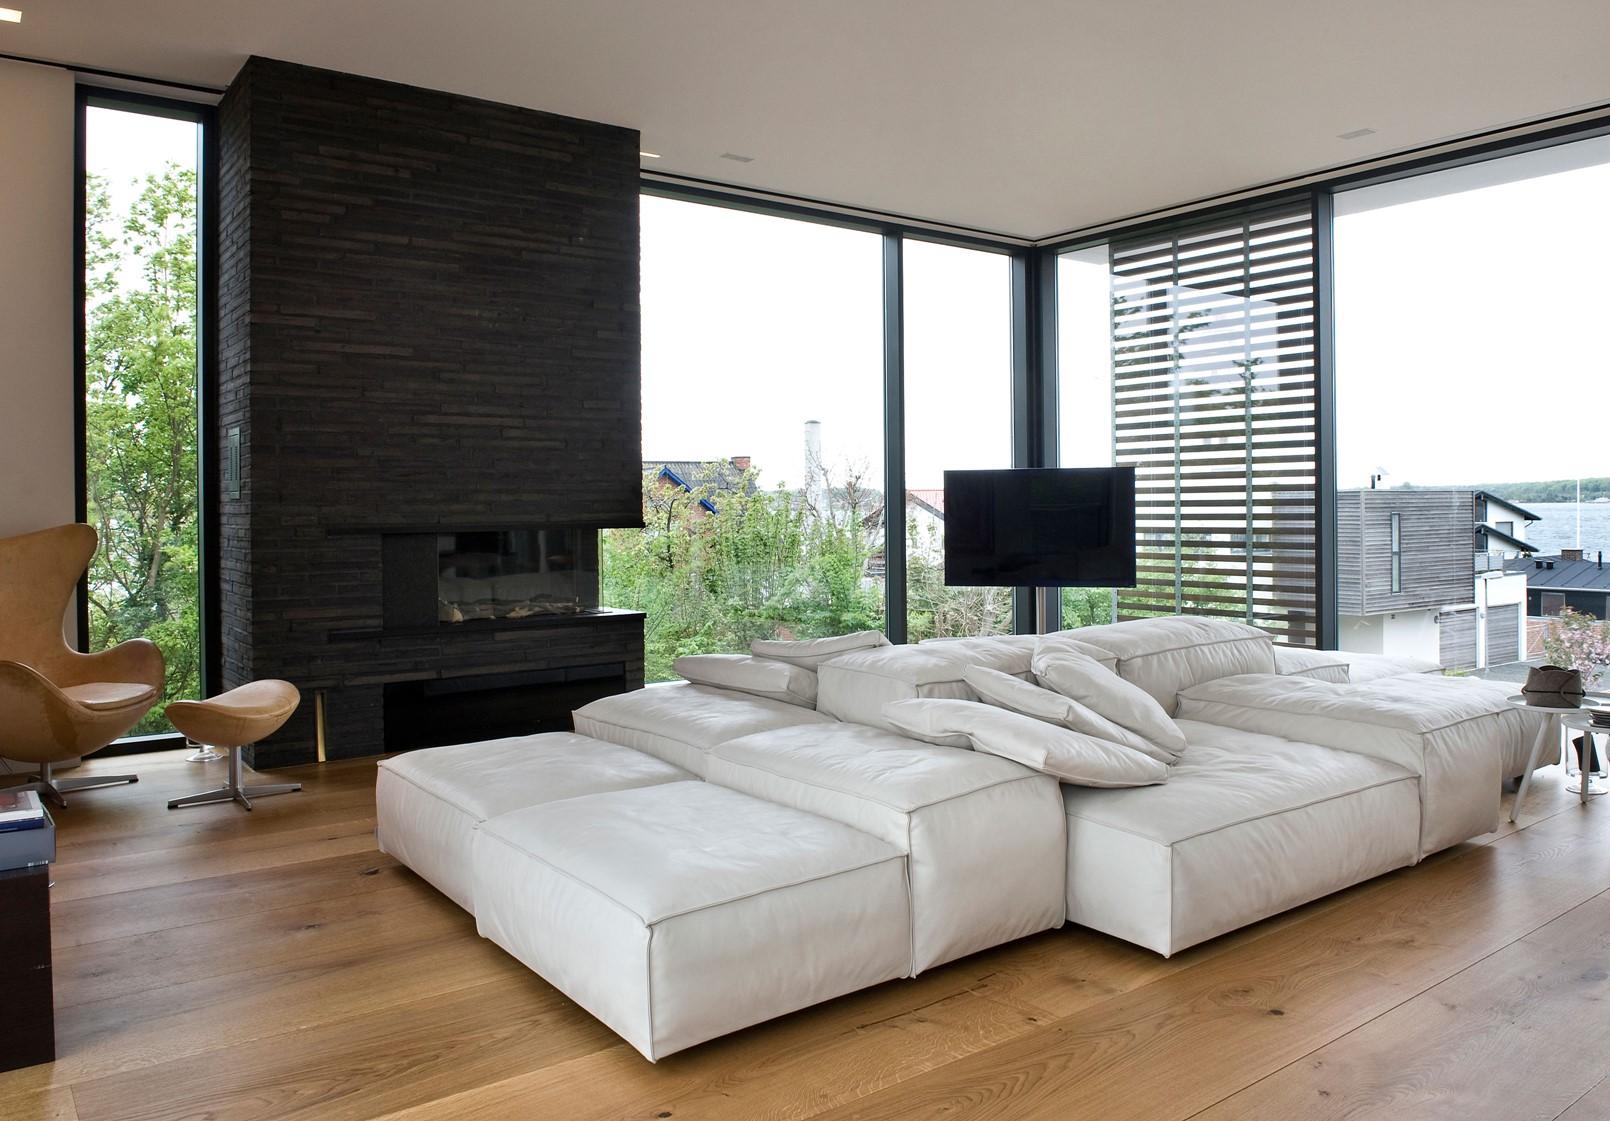 oak-hardwood-floors-heartoak_natural-oil_strib-residence_livingroom_dinesen.jpg